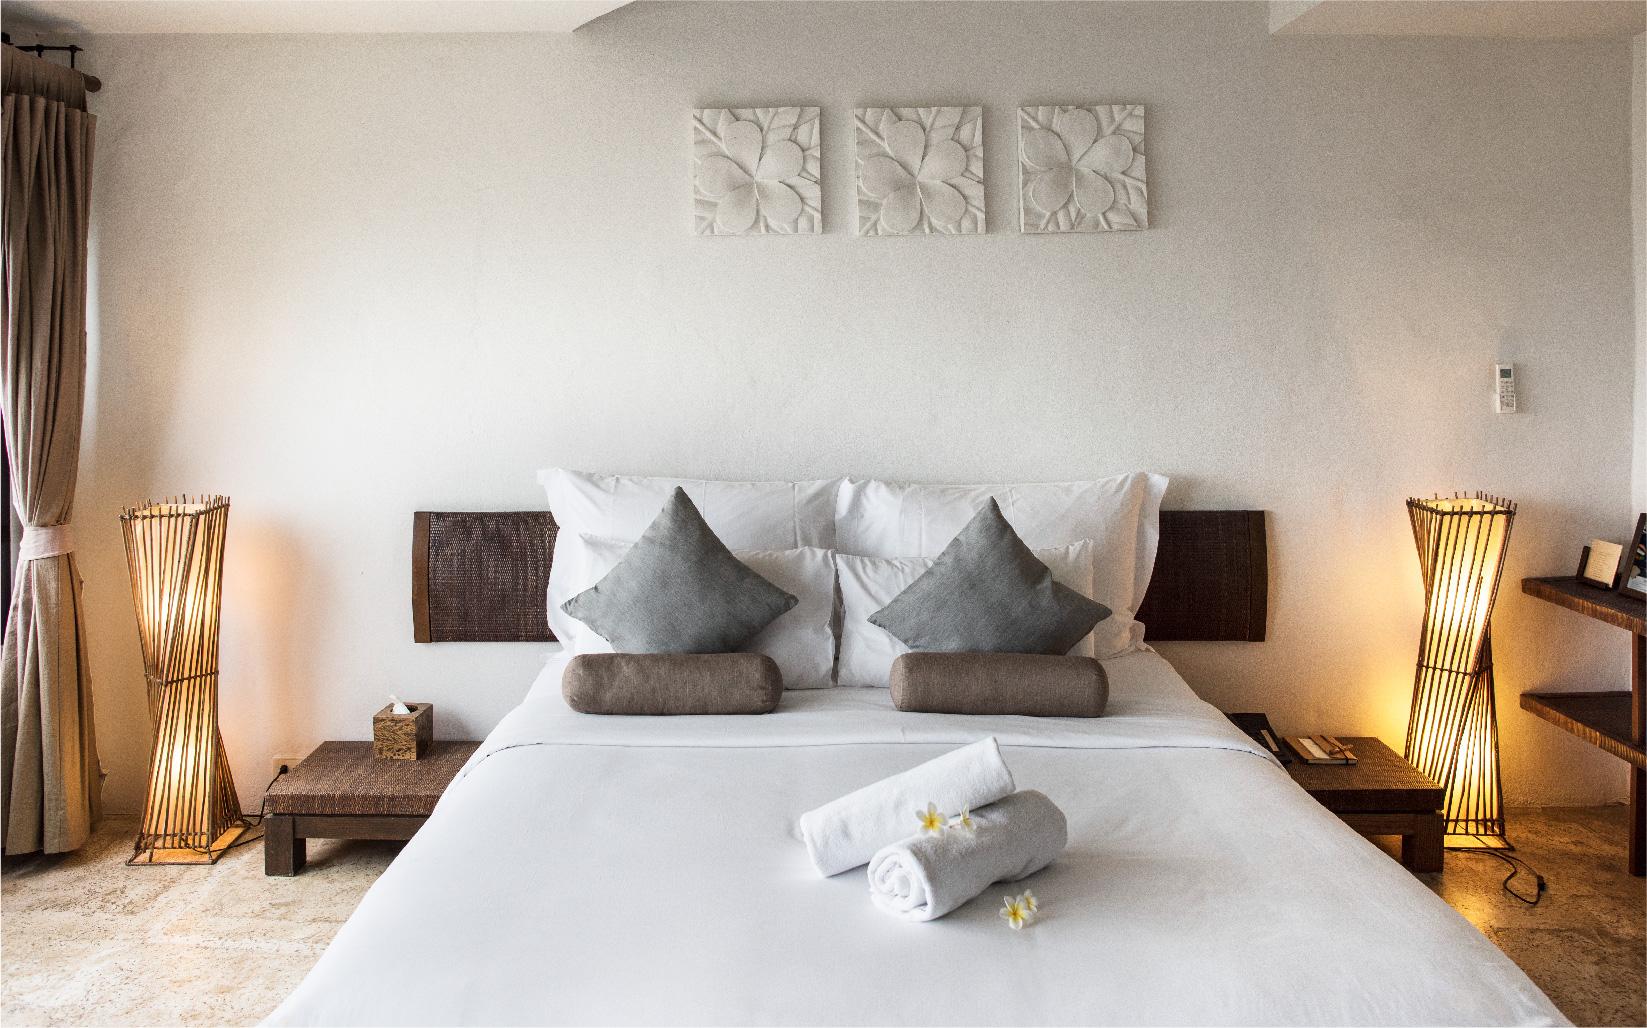 CorpCat Hotel | แอ๊ดวานซ์ กรุ๊ป เอเซีย บริษัท กำจัดปลวก กำจัดแมลง ทำความสะอาด